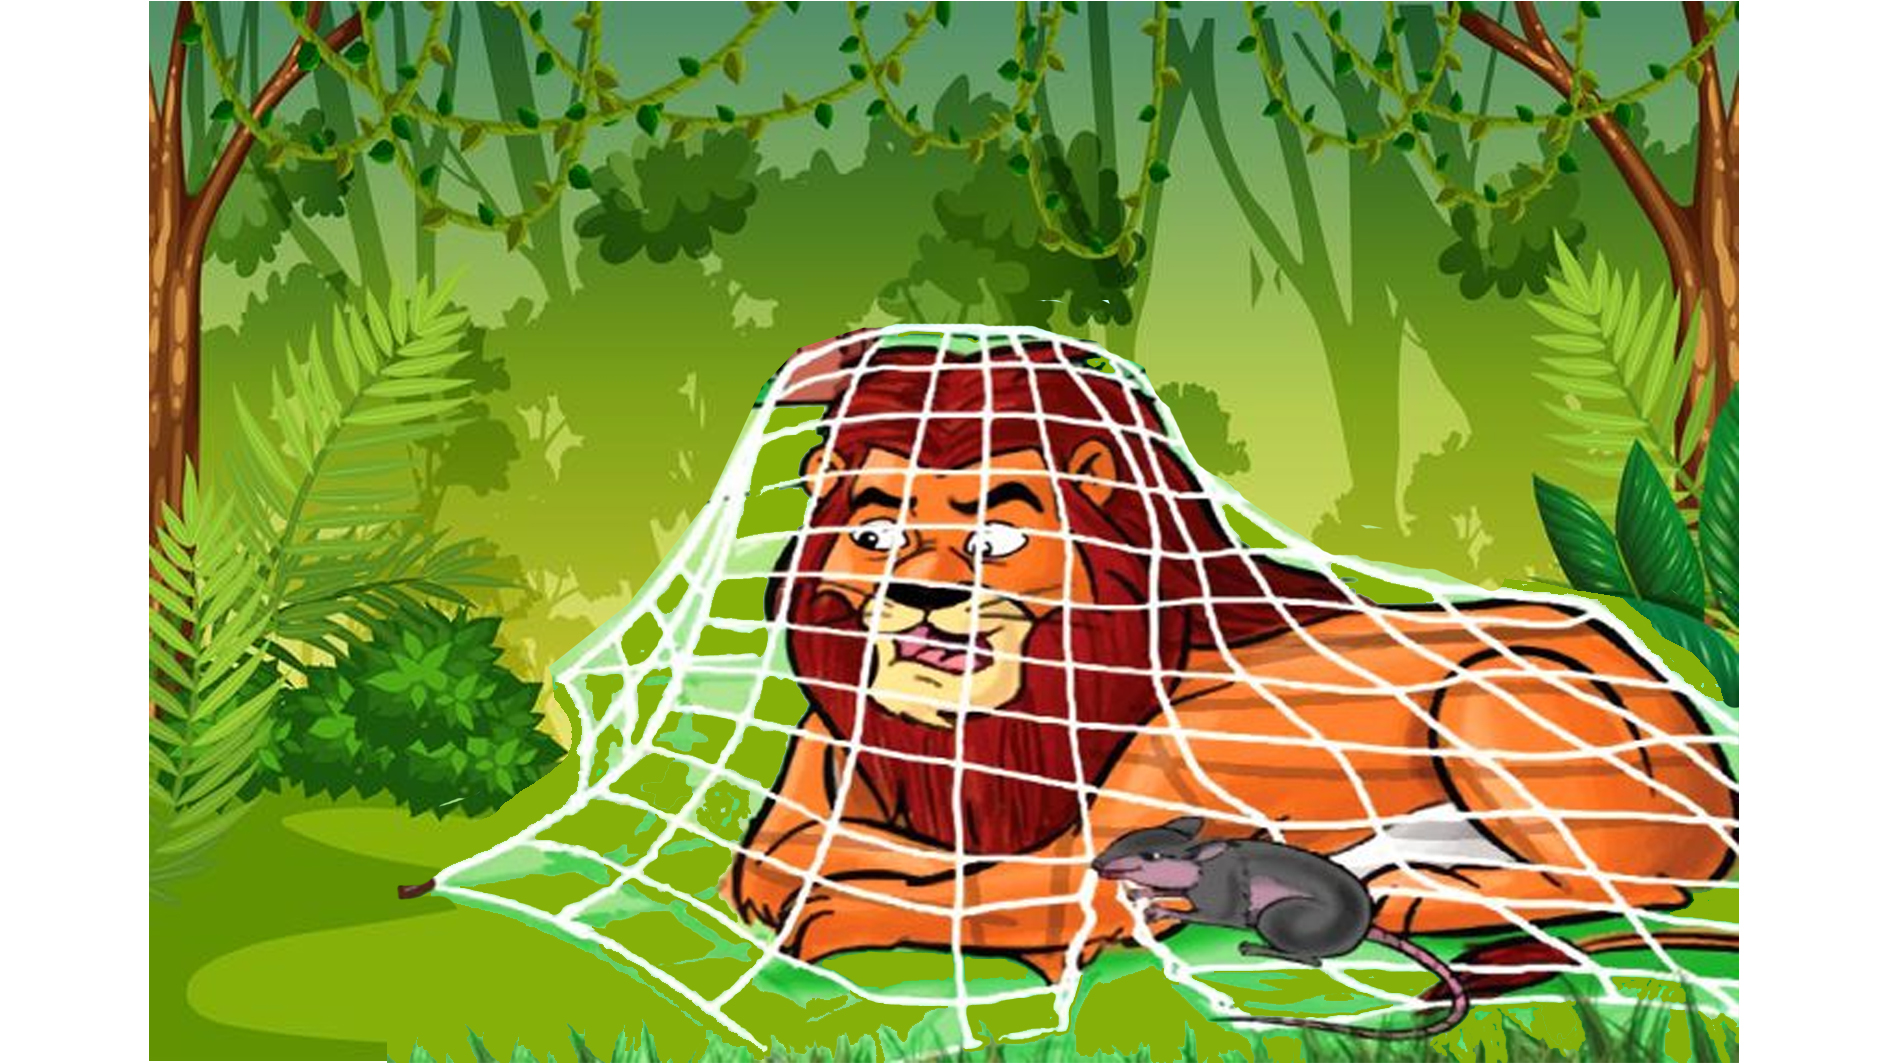 león atrapado en red